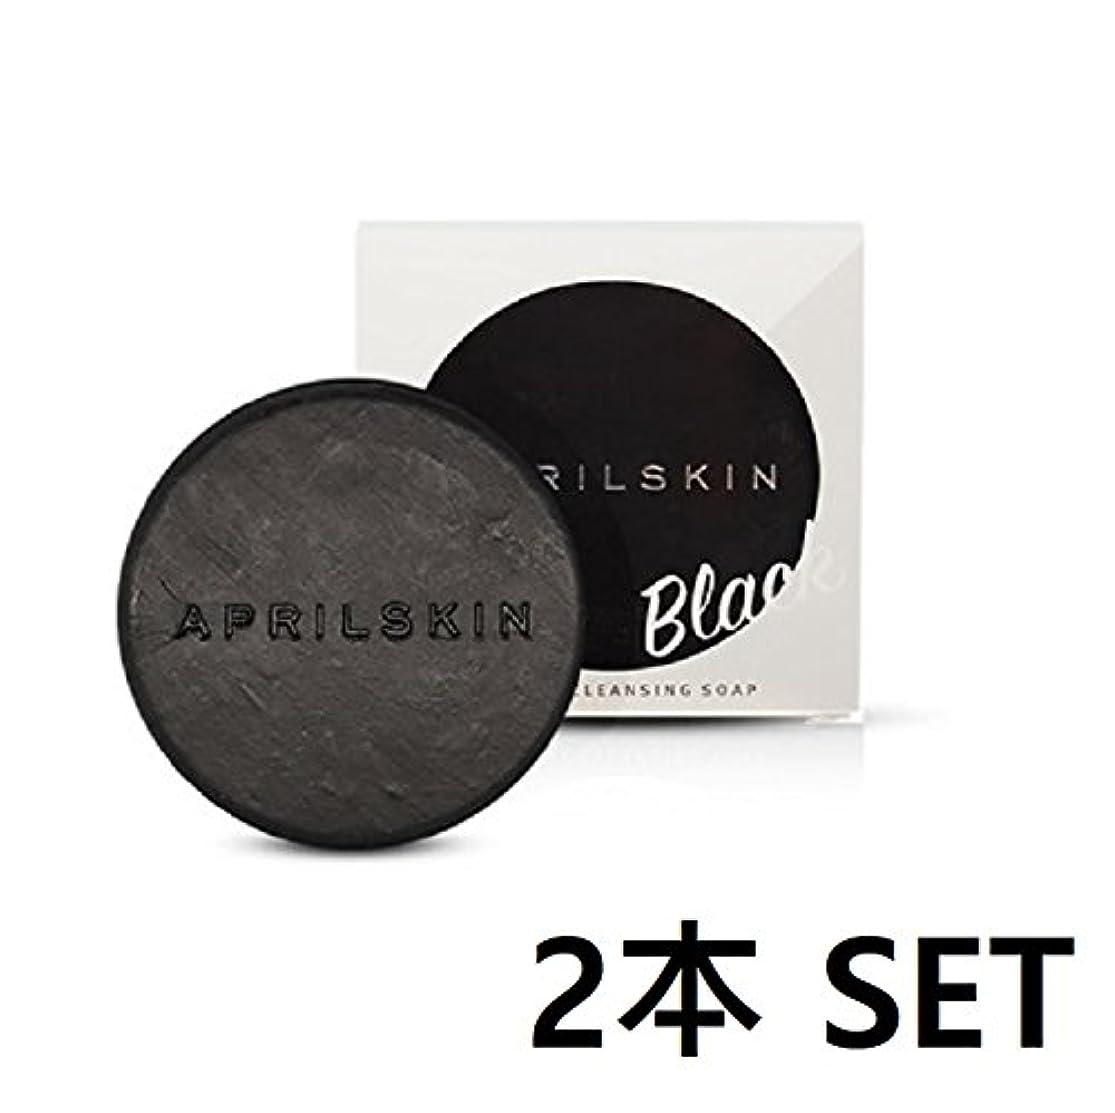 端末すでにアルバム[APRILSKIN] エイプリルスキン国民石鹸 BLACK X 2pcs SET(APRIL SKIN magic stone マジックストーンのリニューアルバージョン新発売) (BLACK) [並行輸入品]